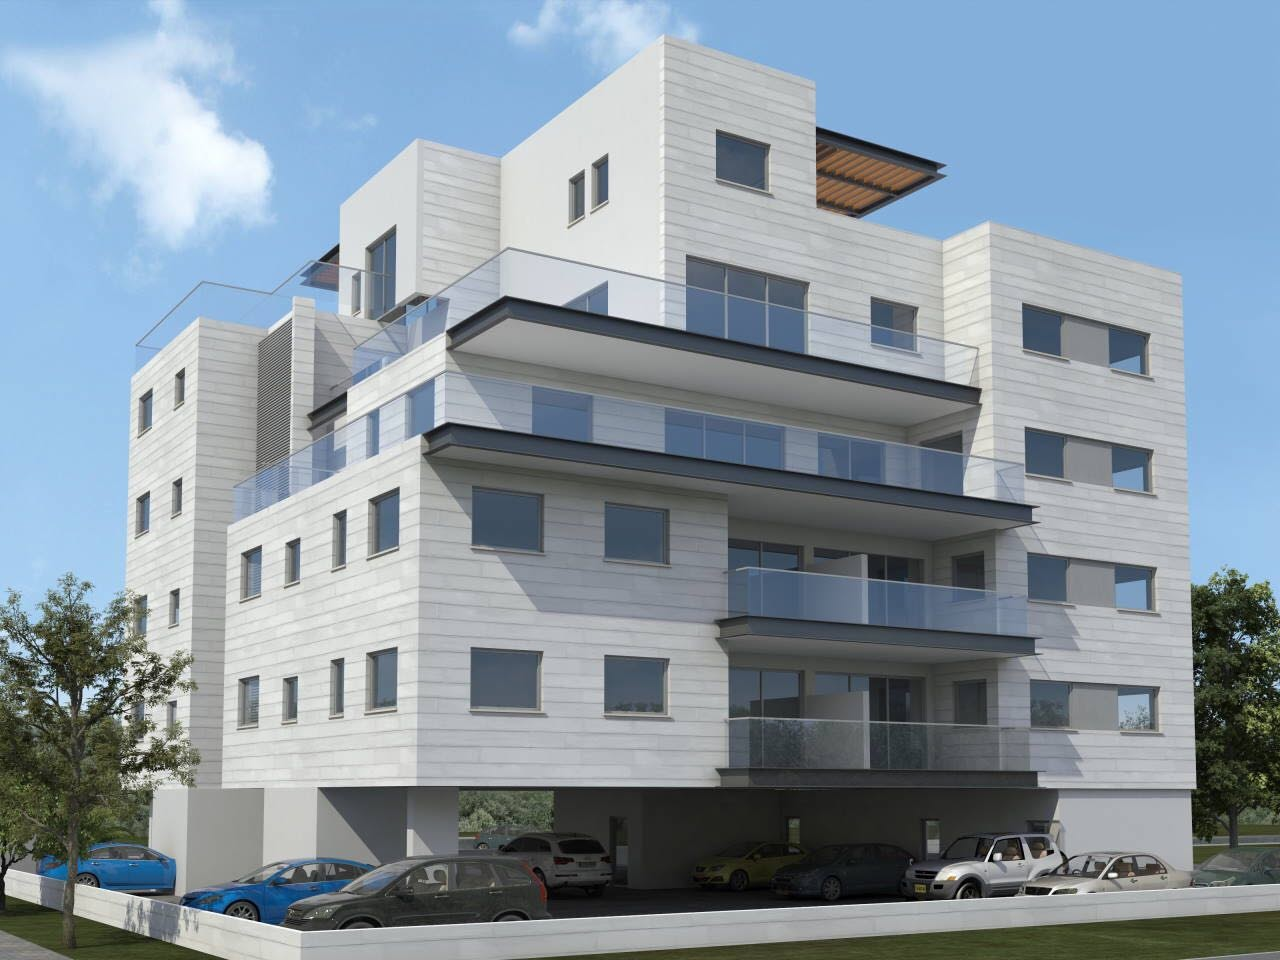 במערב בבניין בוטיק פנטהאוס חדש לכניסה מידית!